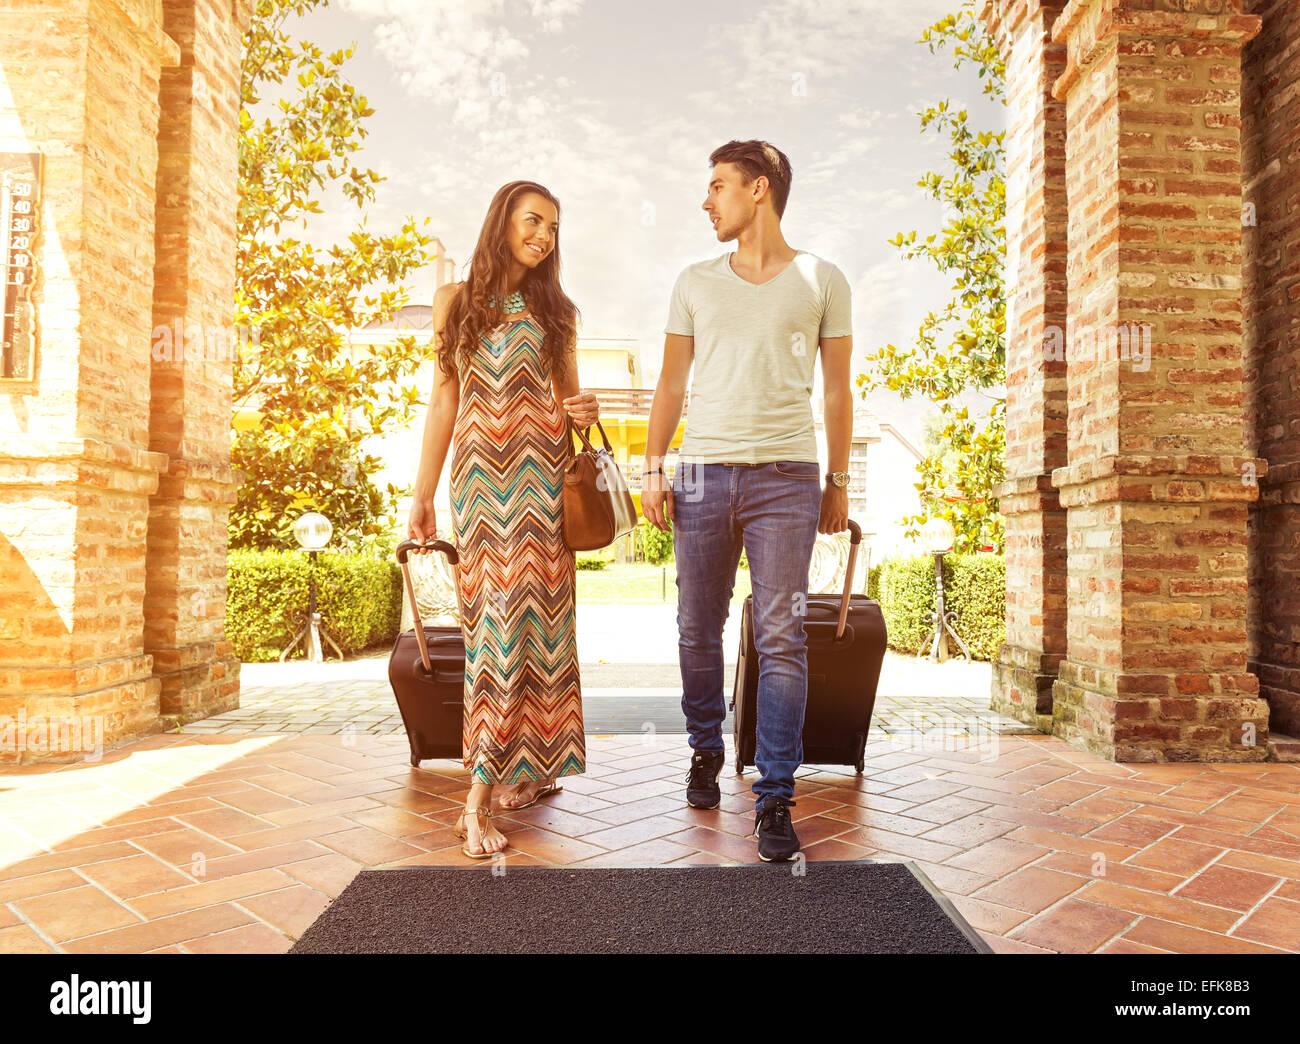 Junges Paar am Hotelflur bei der Ankunft stehen auf der Suche nach Raum, mit Koffer Stockfoto